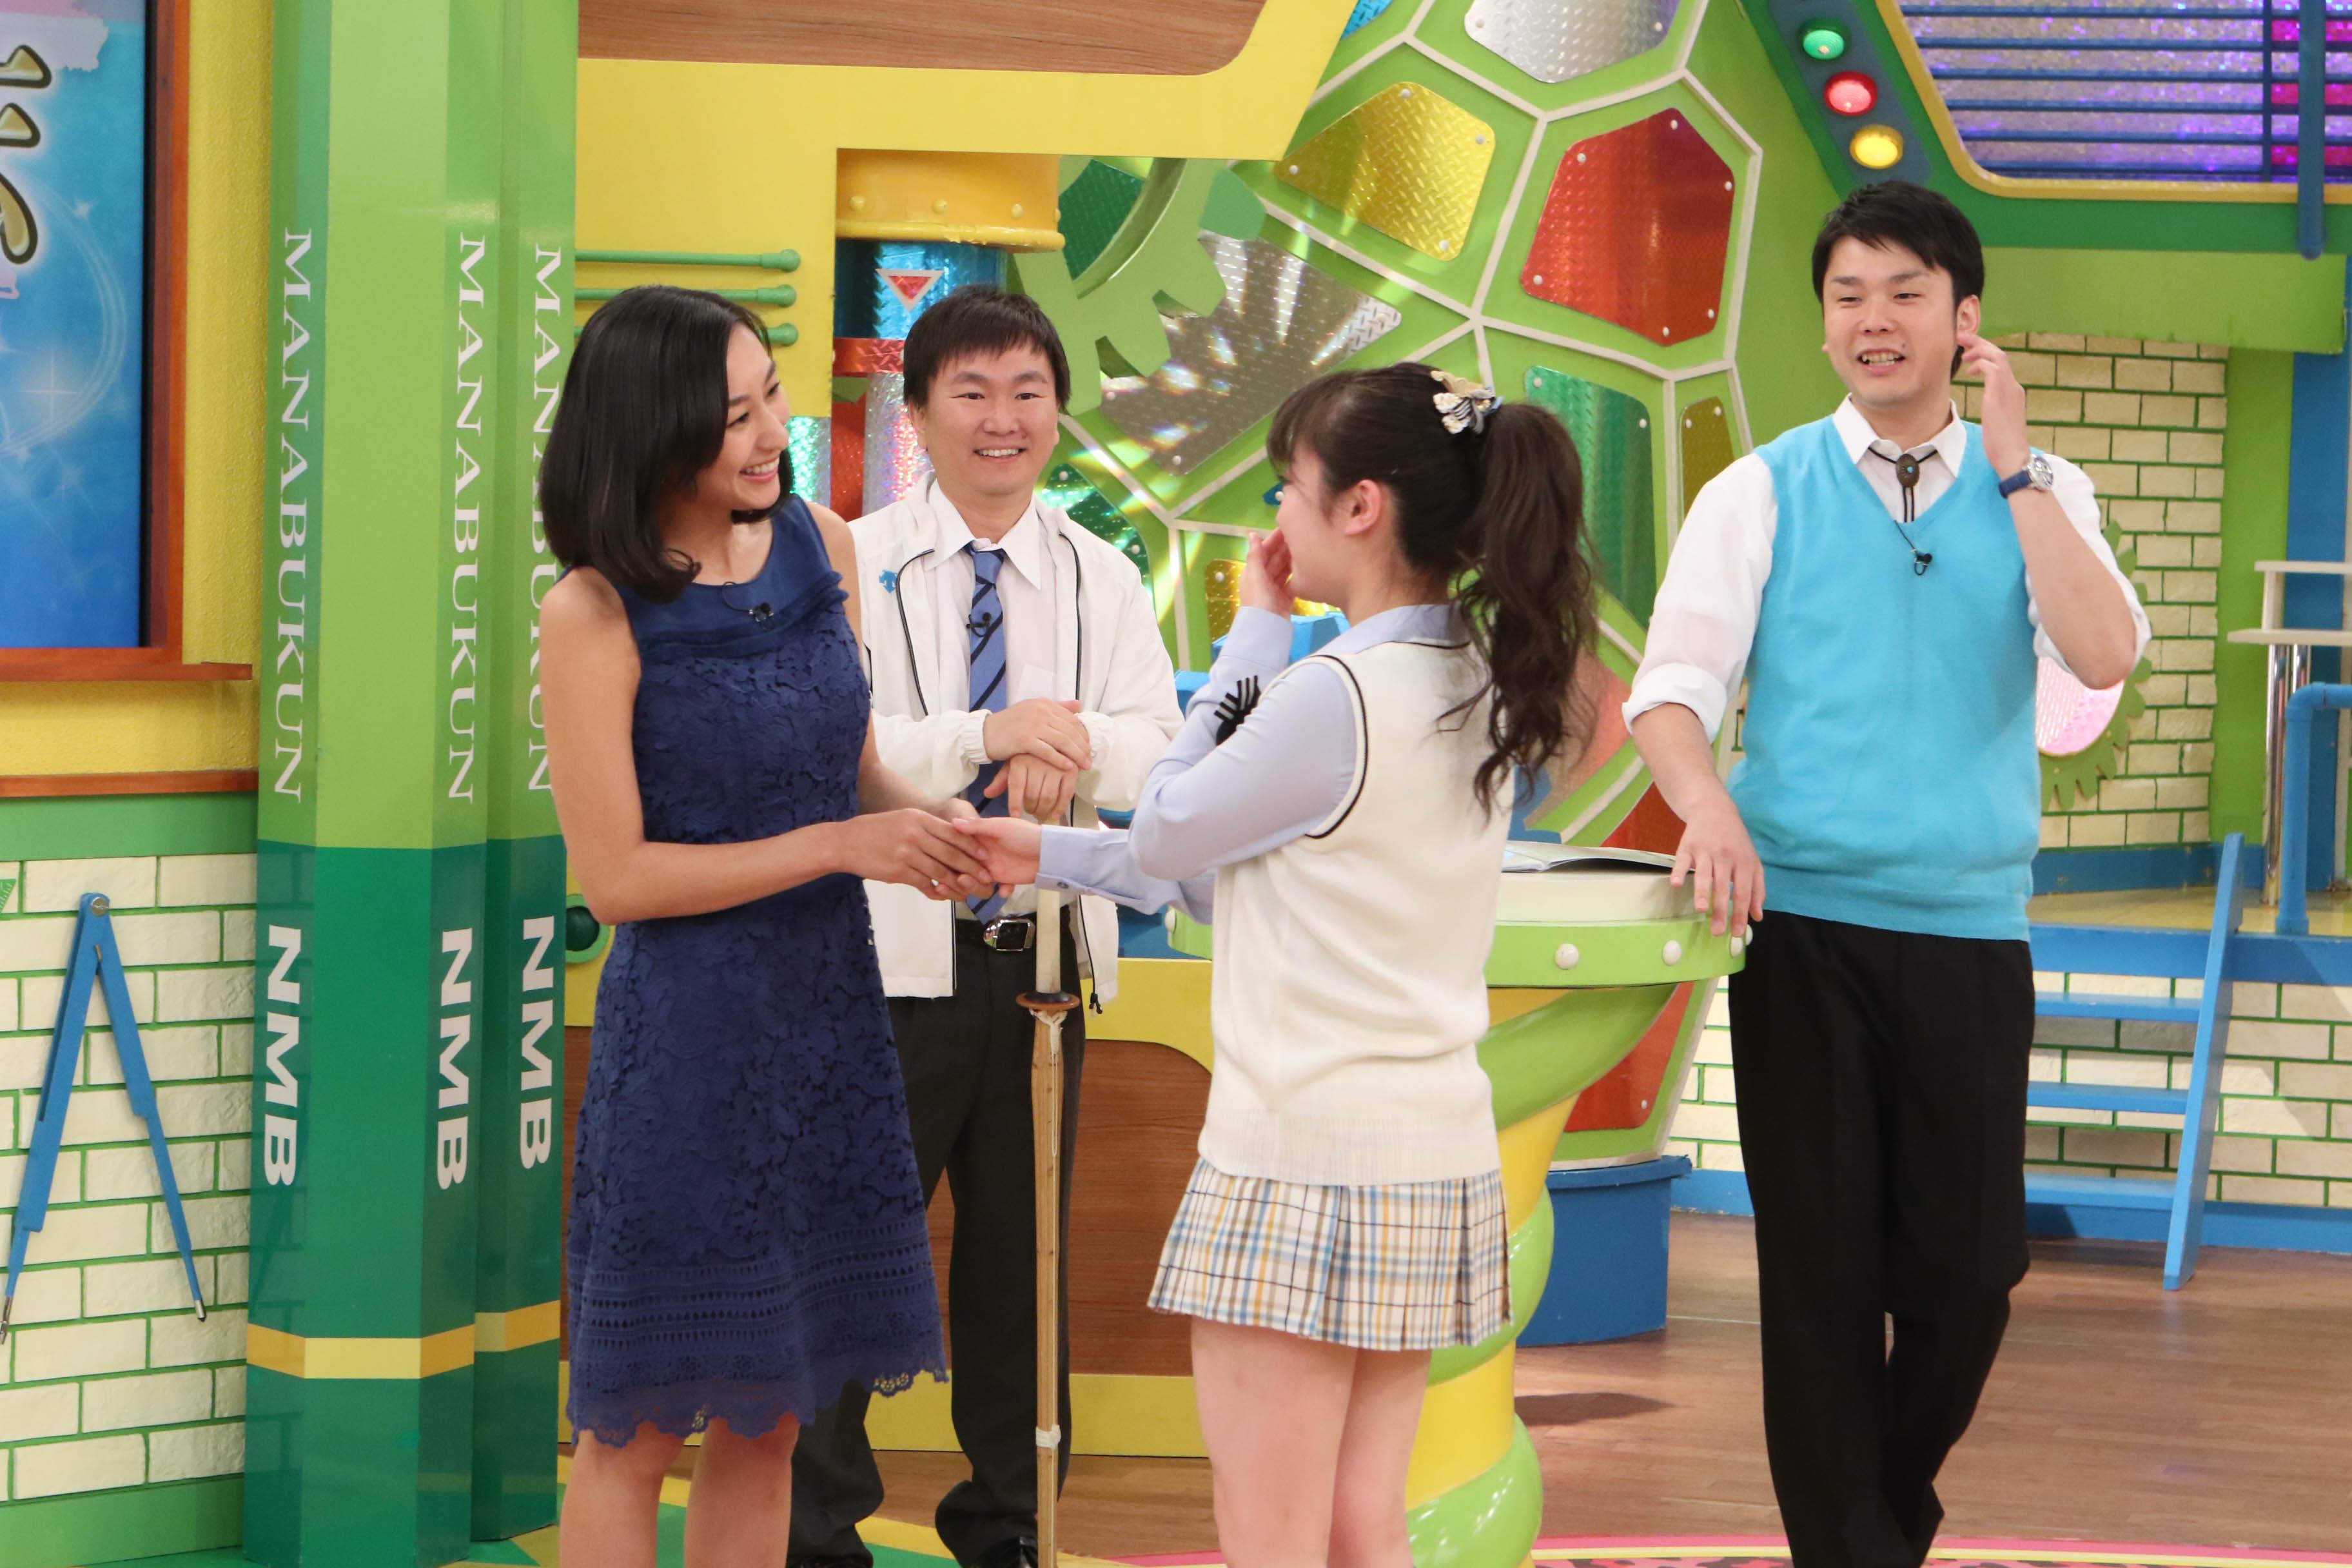 憧れの浅田舞に握手してもらうNMB48・川上千尋